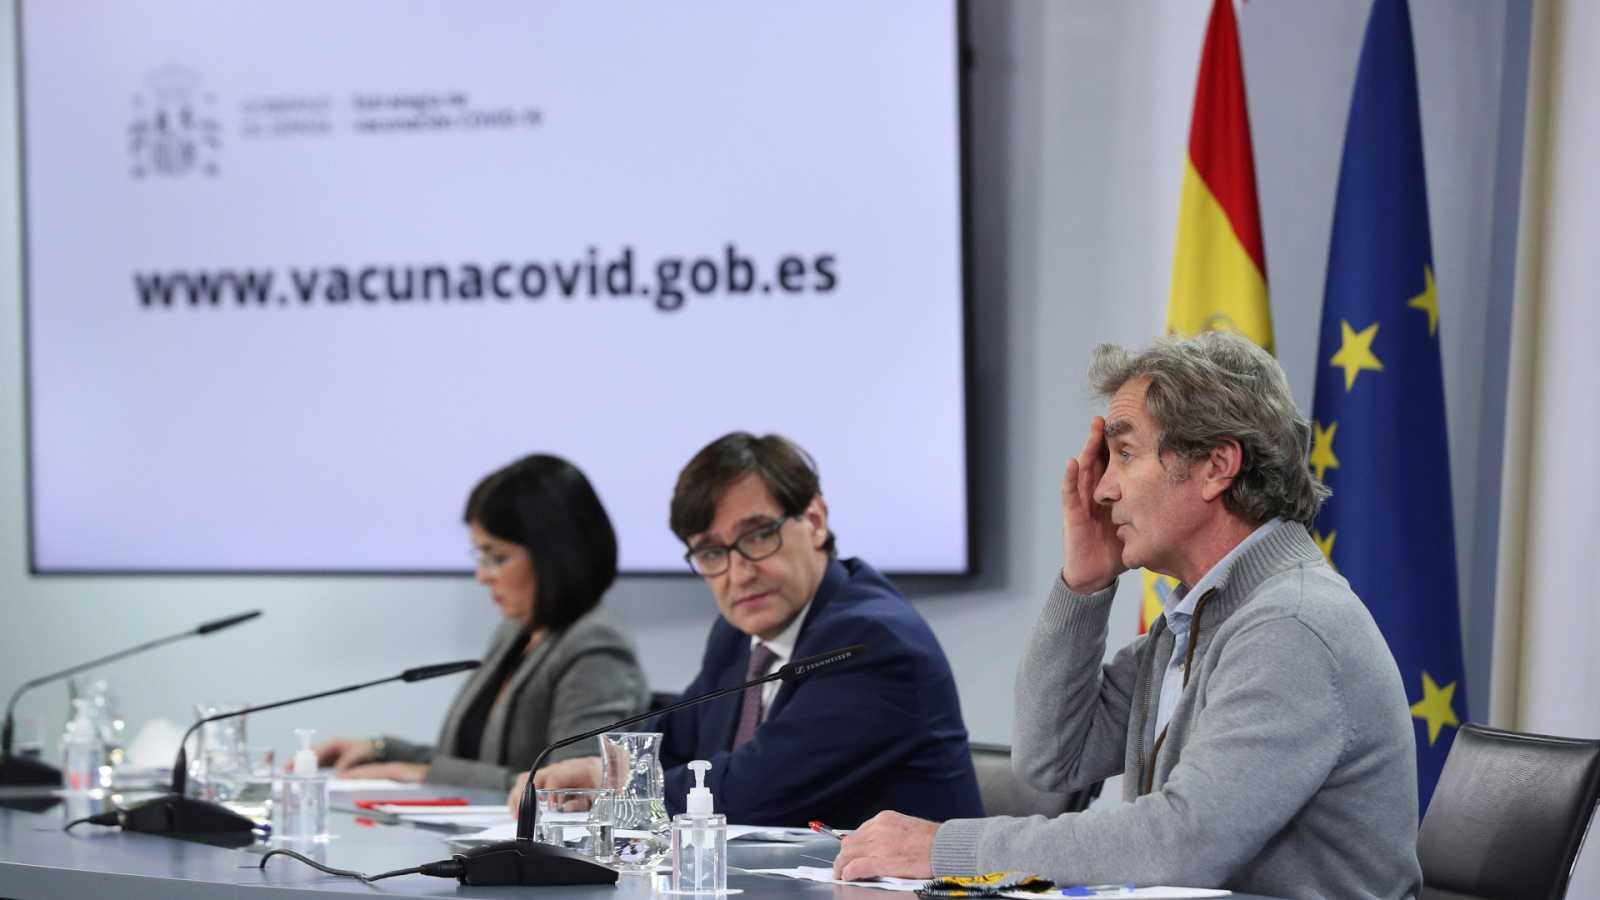 Especial informativo - Comparecencia de la ministra de Política Territorial, del ministro de Sanidad y del director del CCAES - 28/12/20 - ver ahora